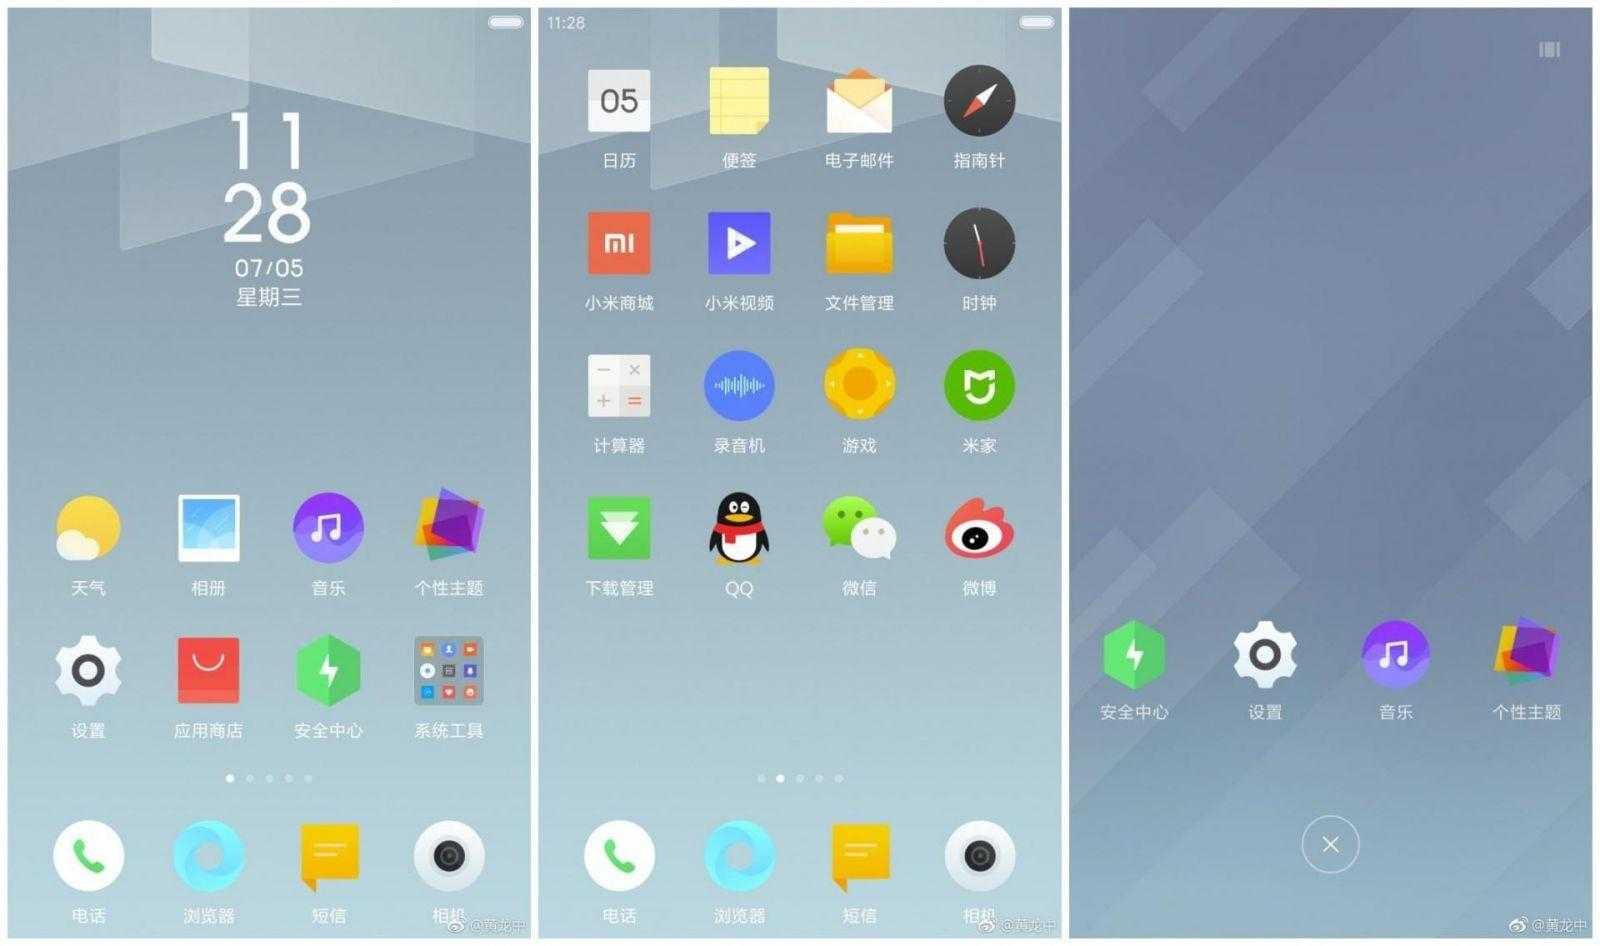 Xiaomi MIUI 9 станет последним обновлением для 6 смартфонов компании (133939my1u0fisl3uizfo6)